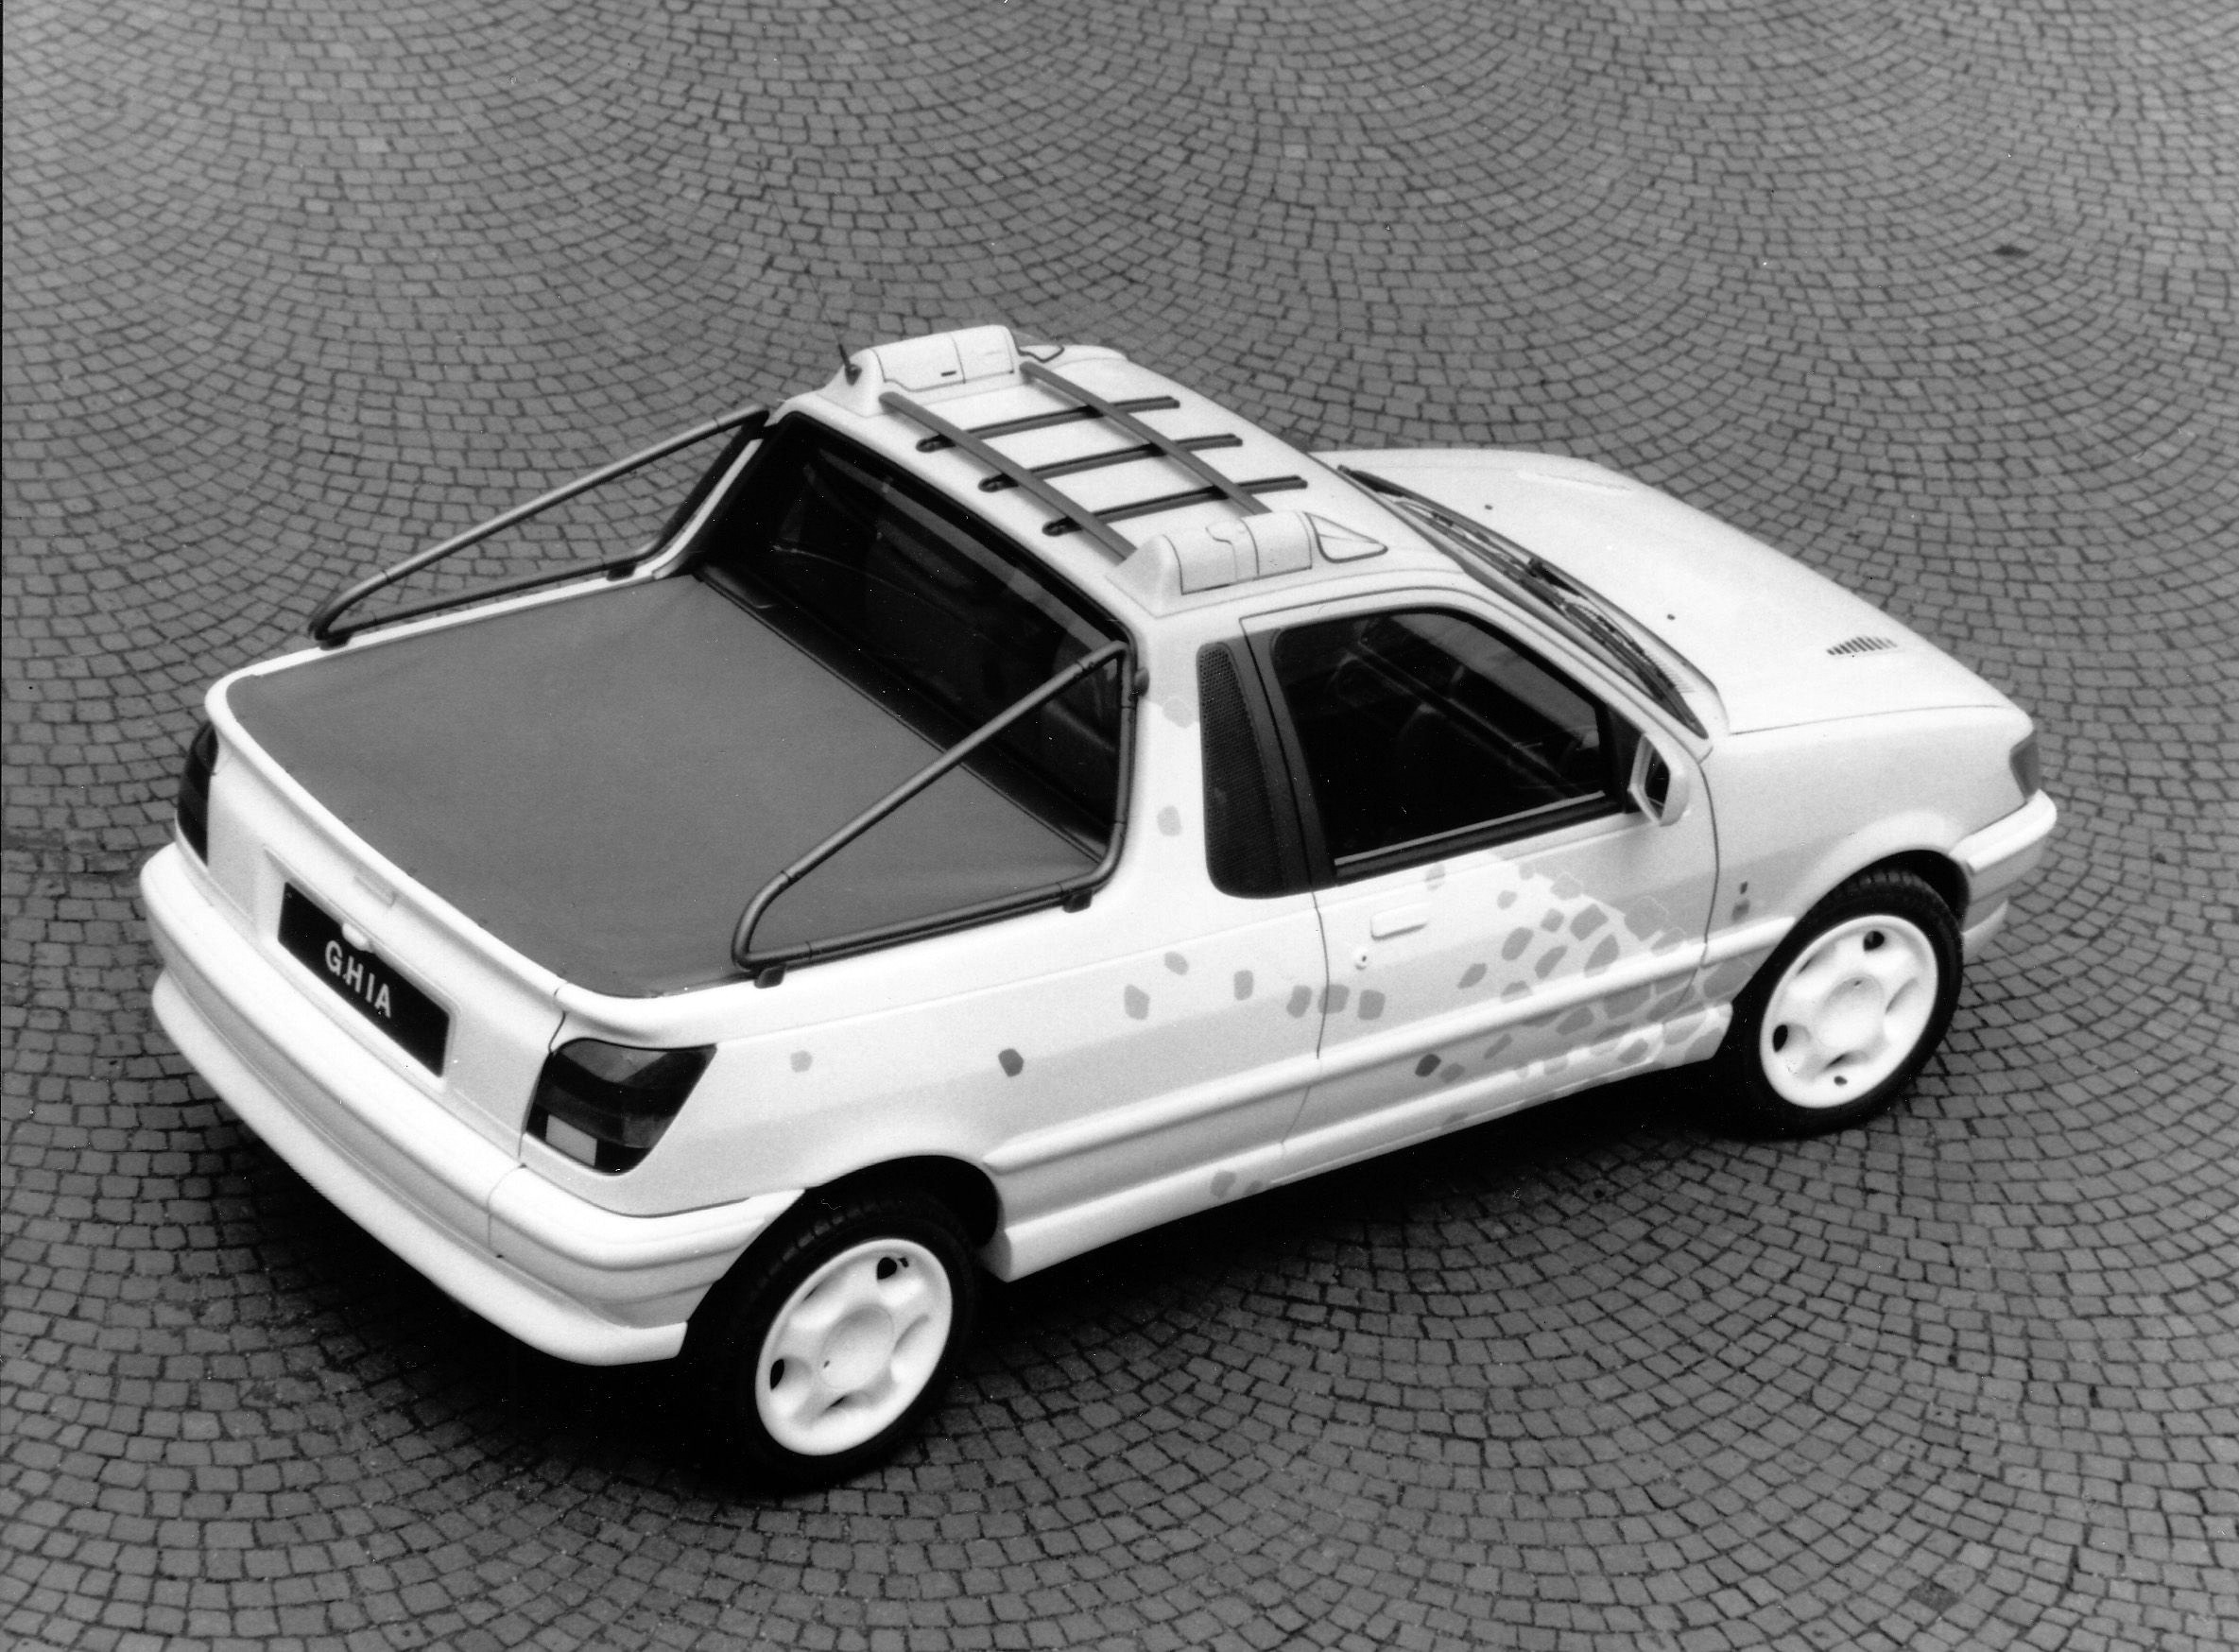 1989-Ghia-Ford-Fiesta-Bebop-Prototype-02